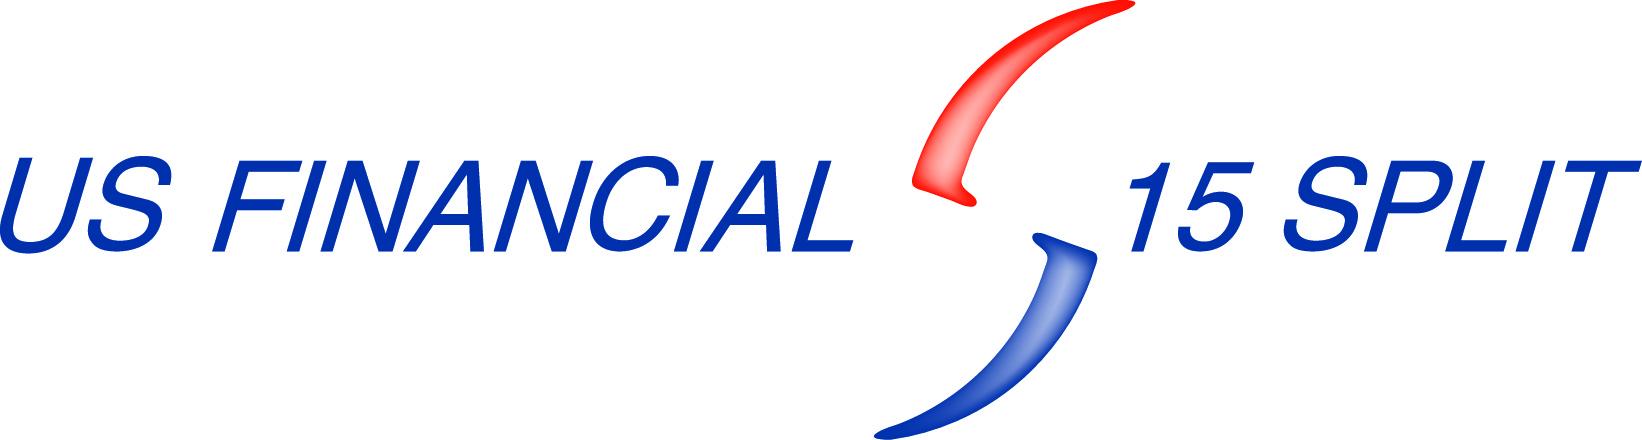 US Financial 15 Split Corp